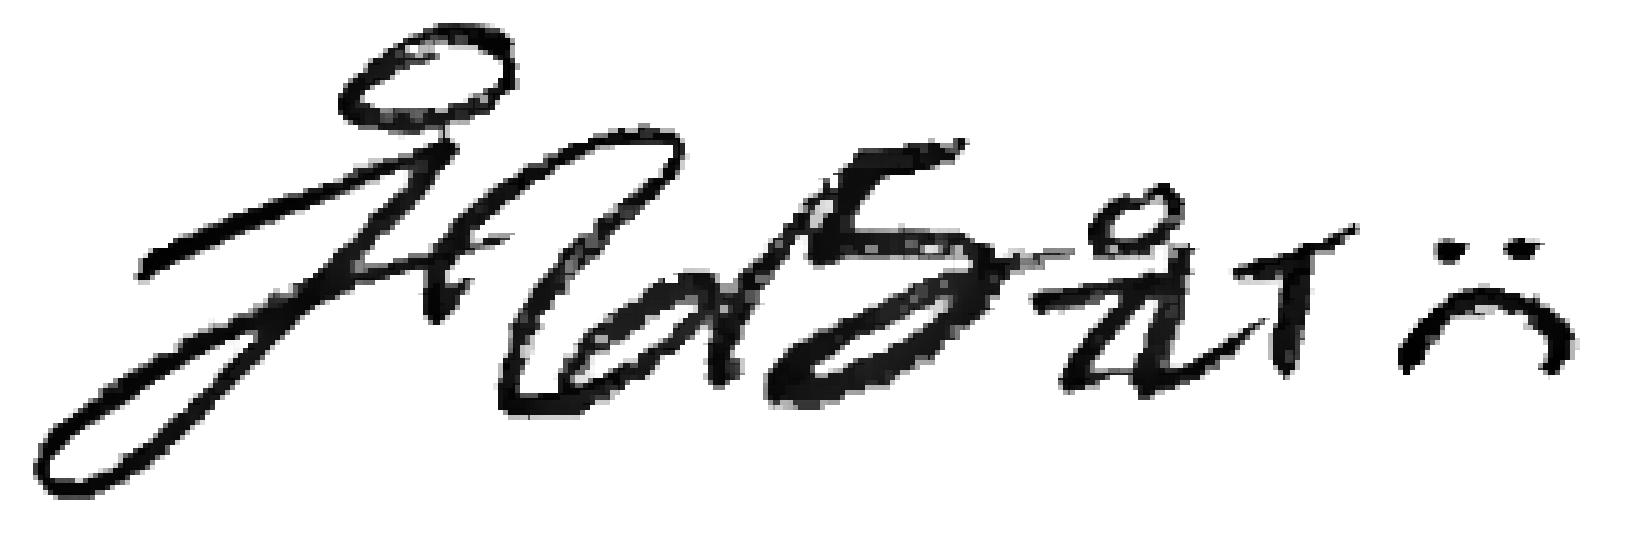 Justin Fleurimond Menard's Signature